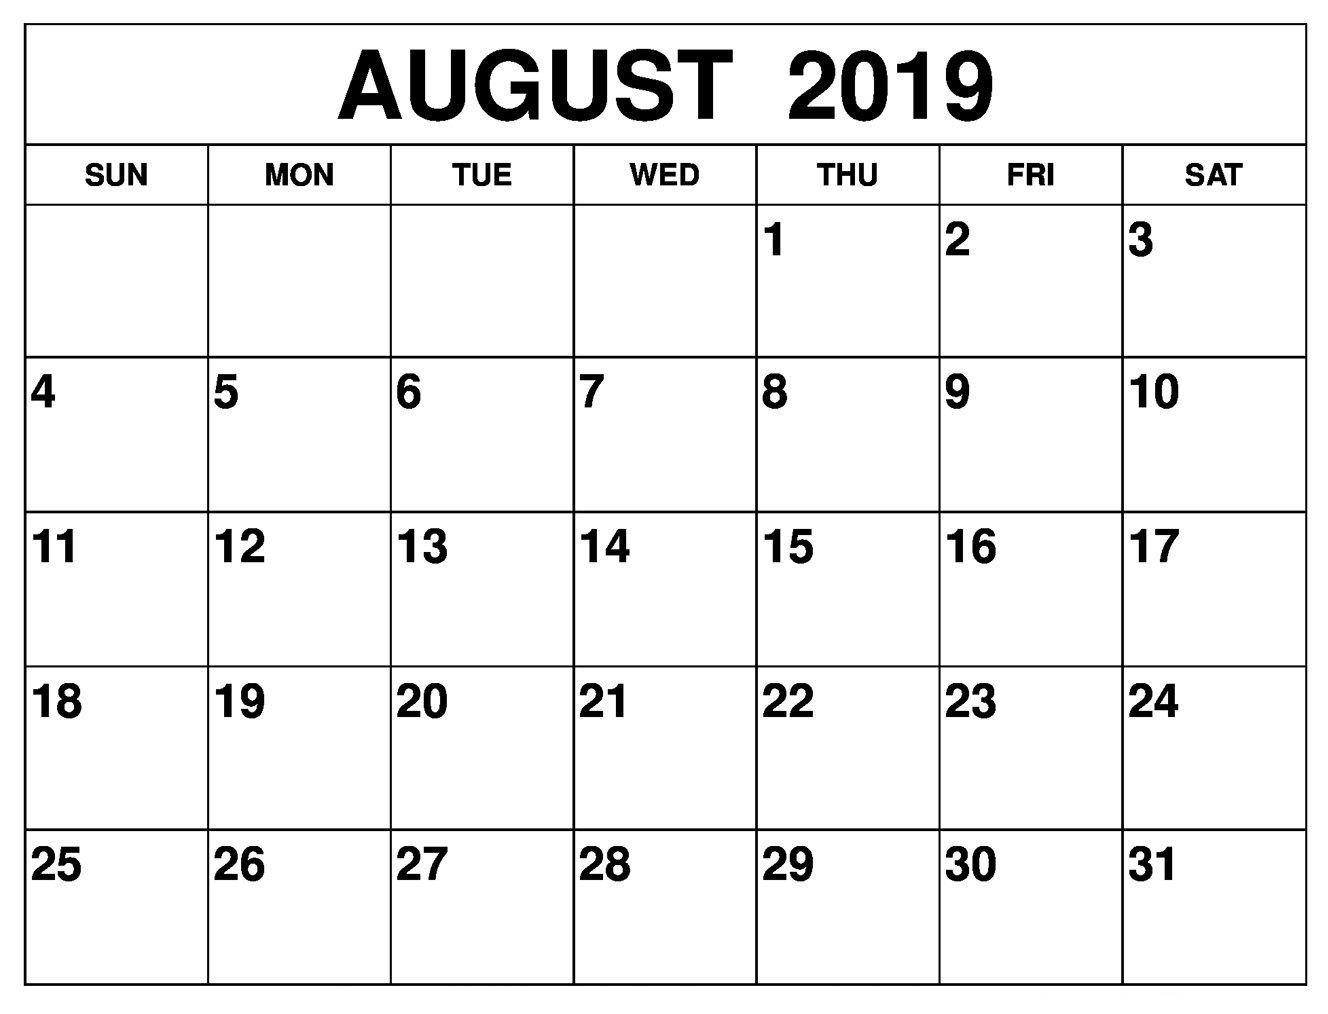 August 2019 Calendar #printables | August 2019 Calendar For Monthly for 31 Day Month Calendar Printable